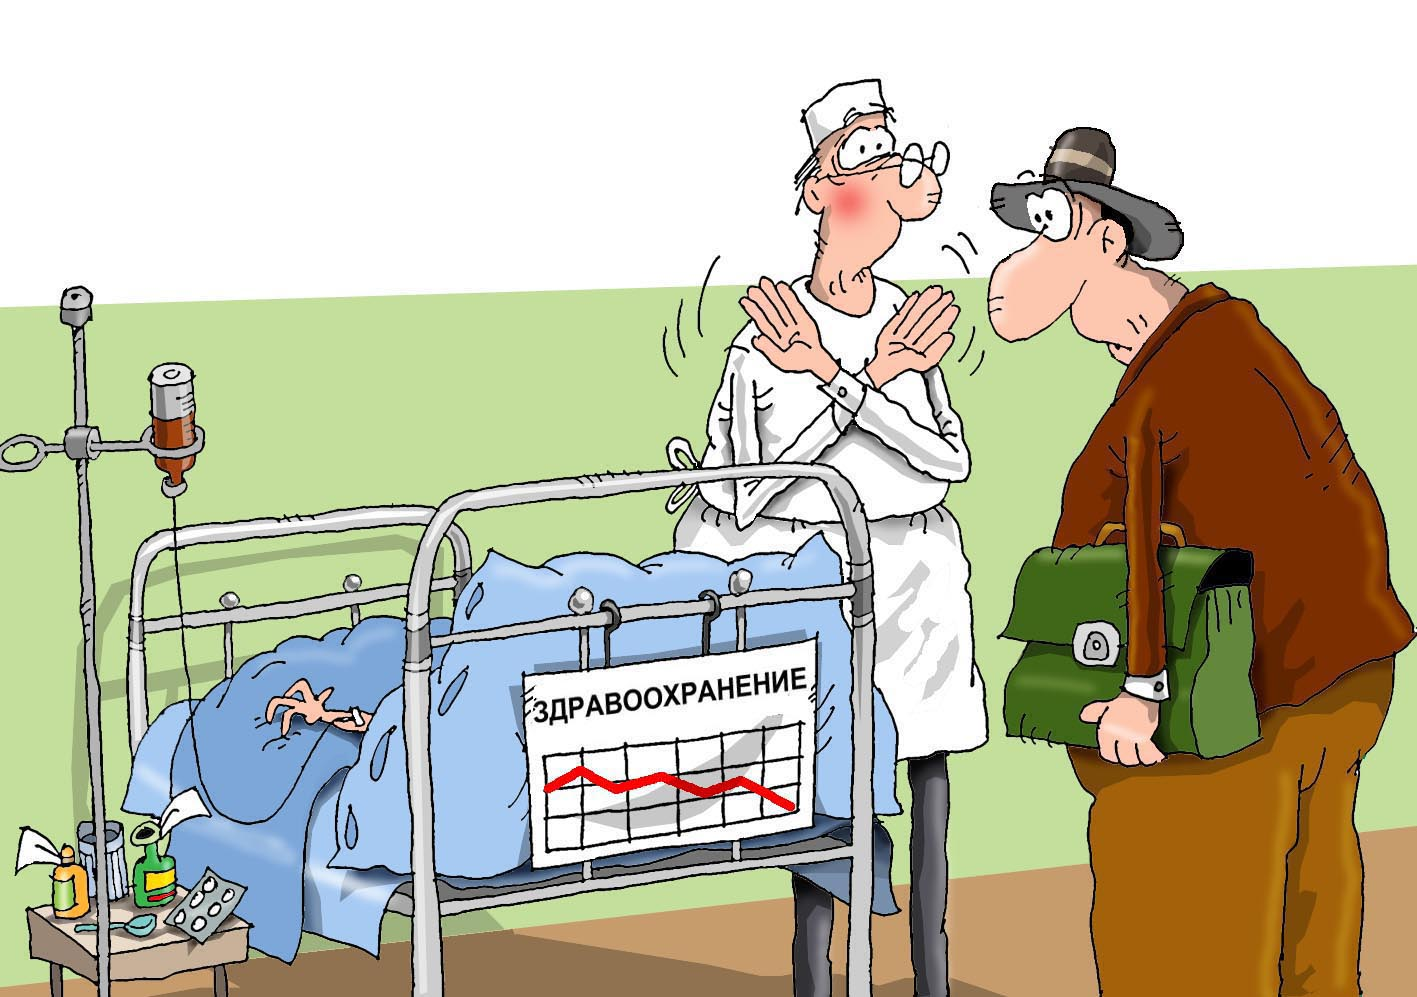 Самые низкие оценки жителей Вологодской области получила сфера здравоохранения